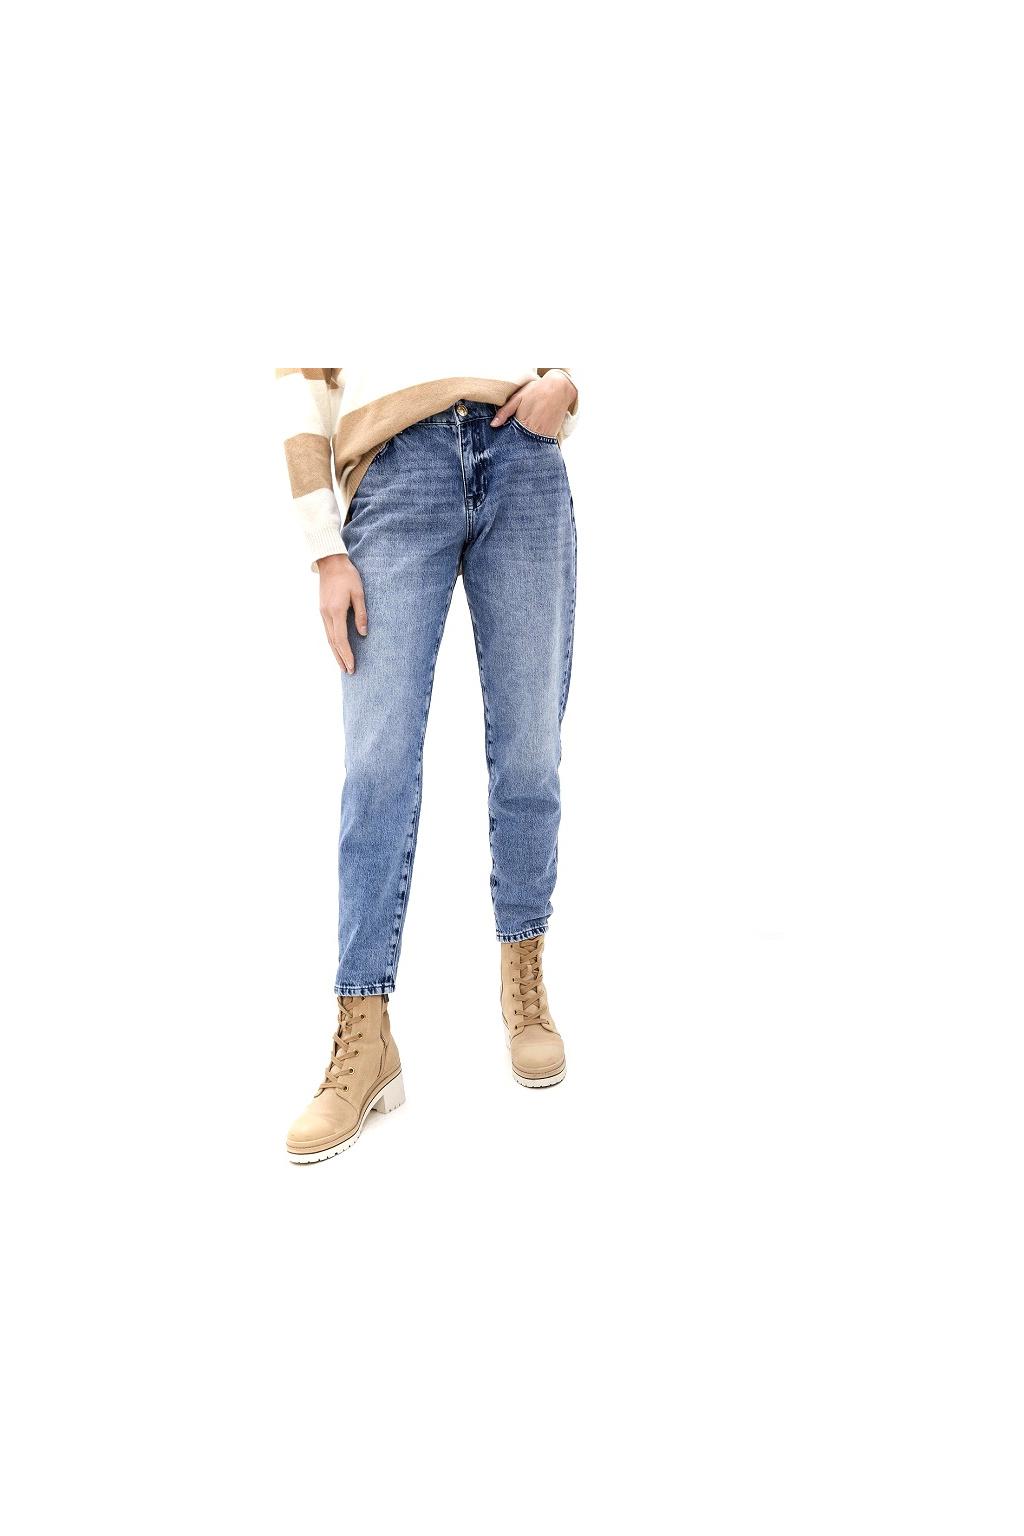 202MT2240 01611 Dámské džíny Twinset modré